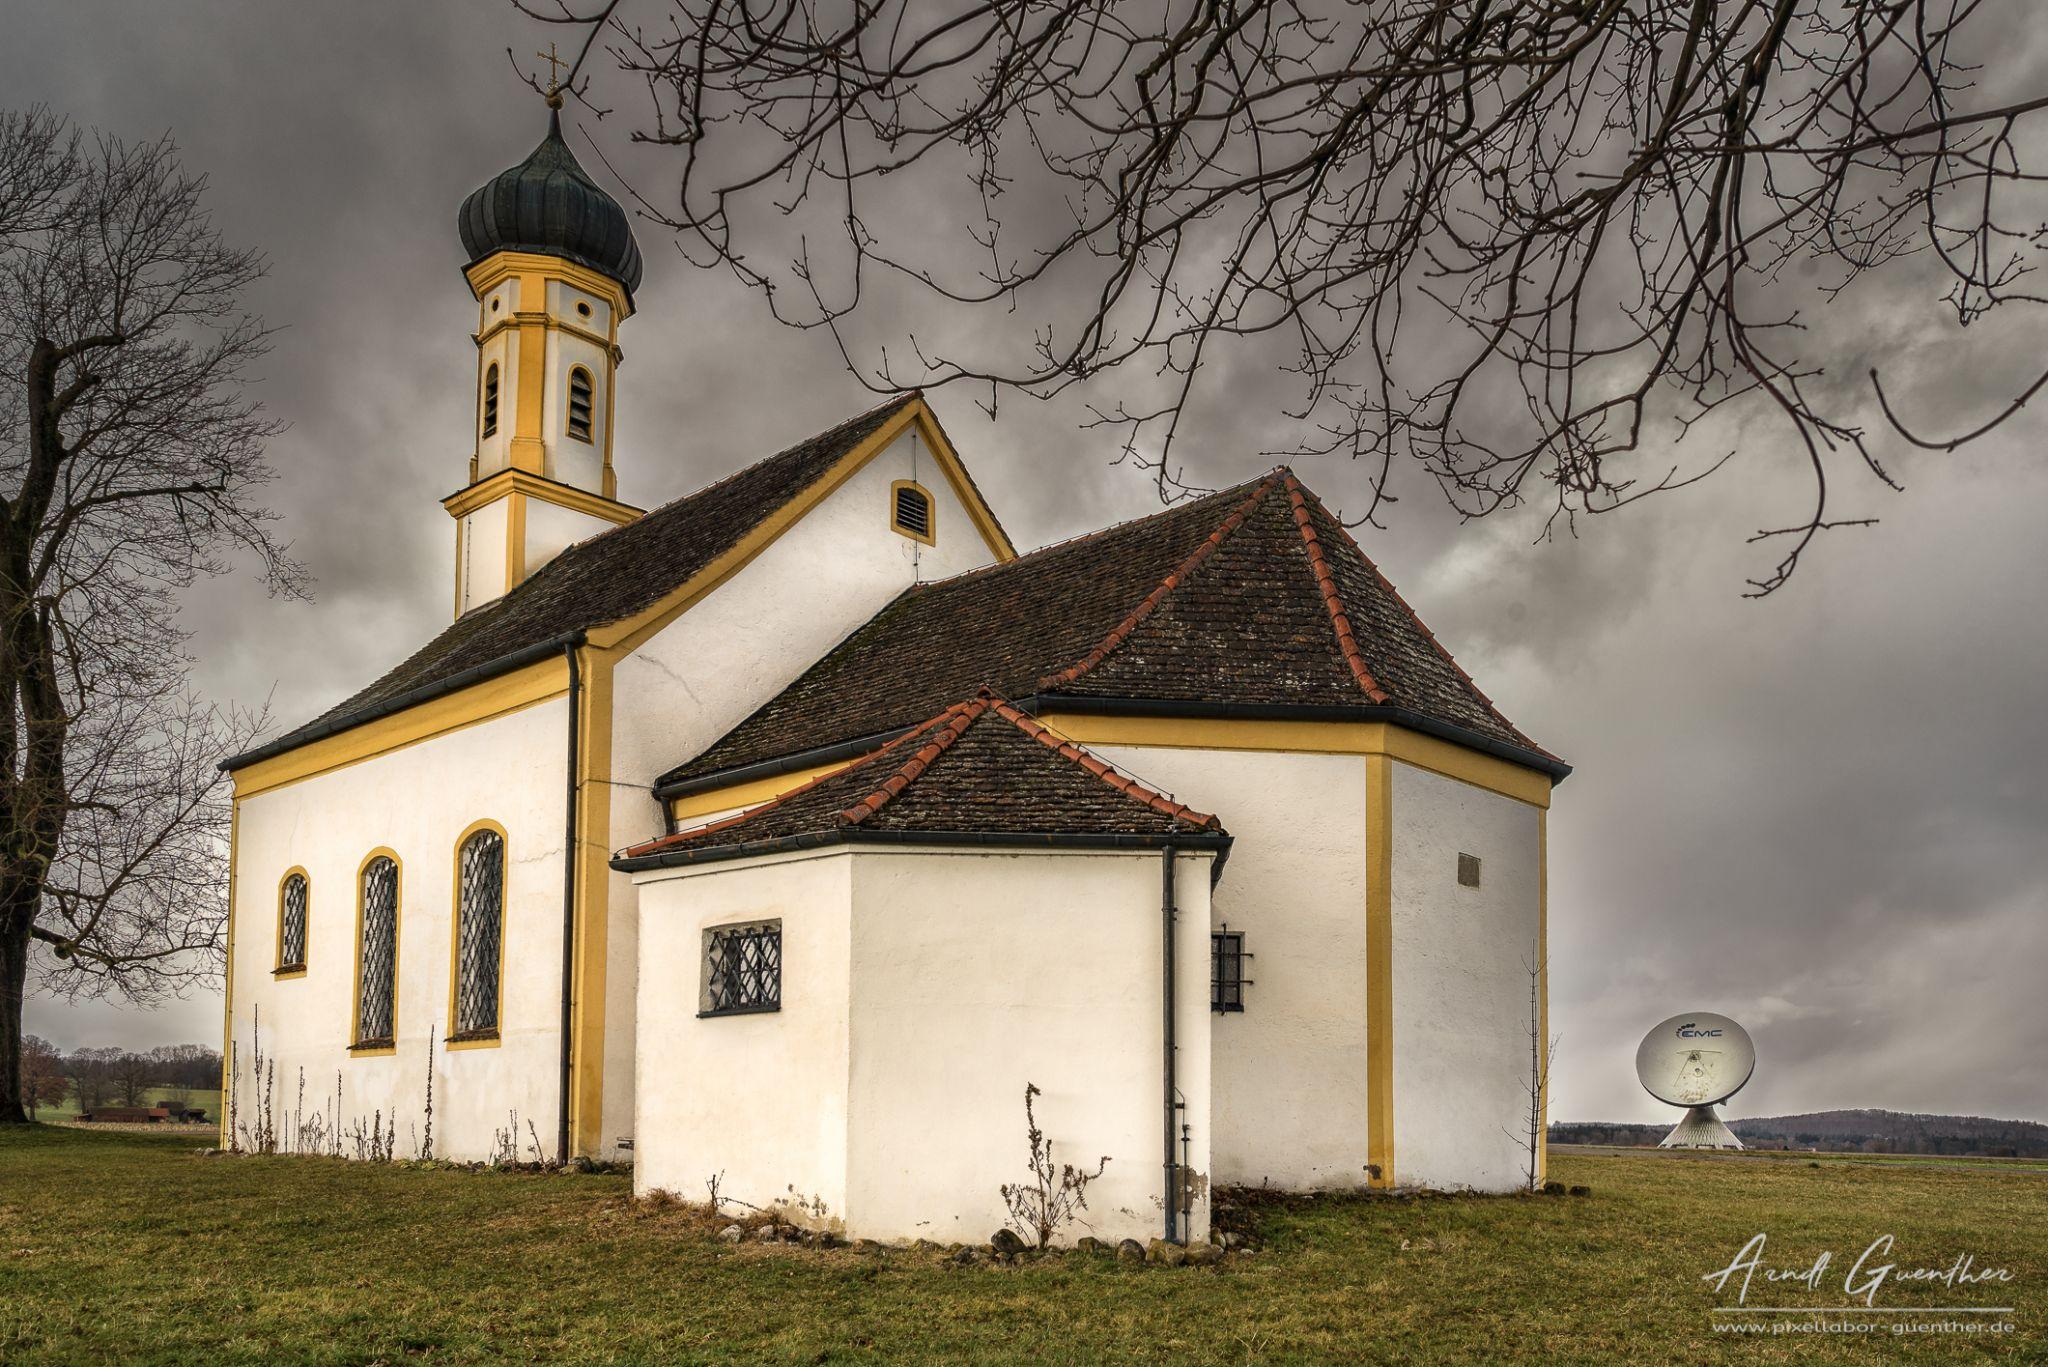 Kapelle Raisting, Germany